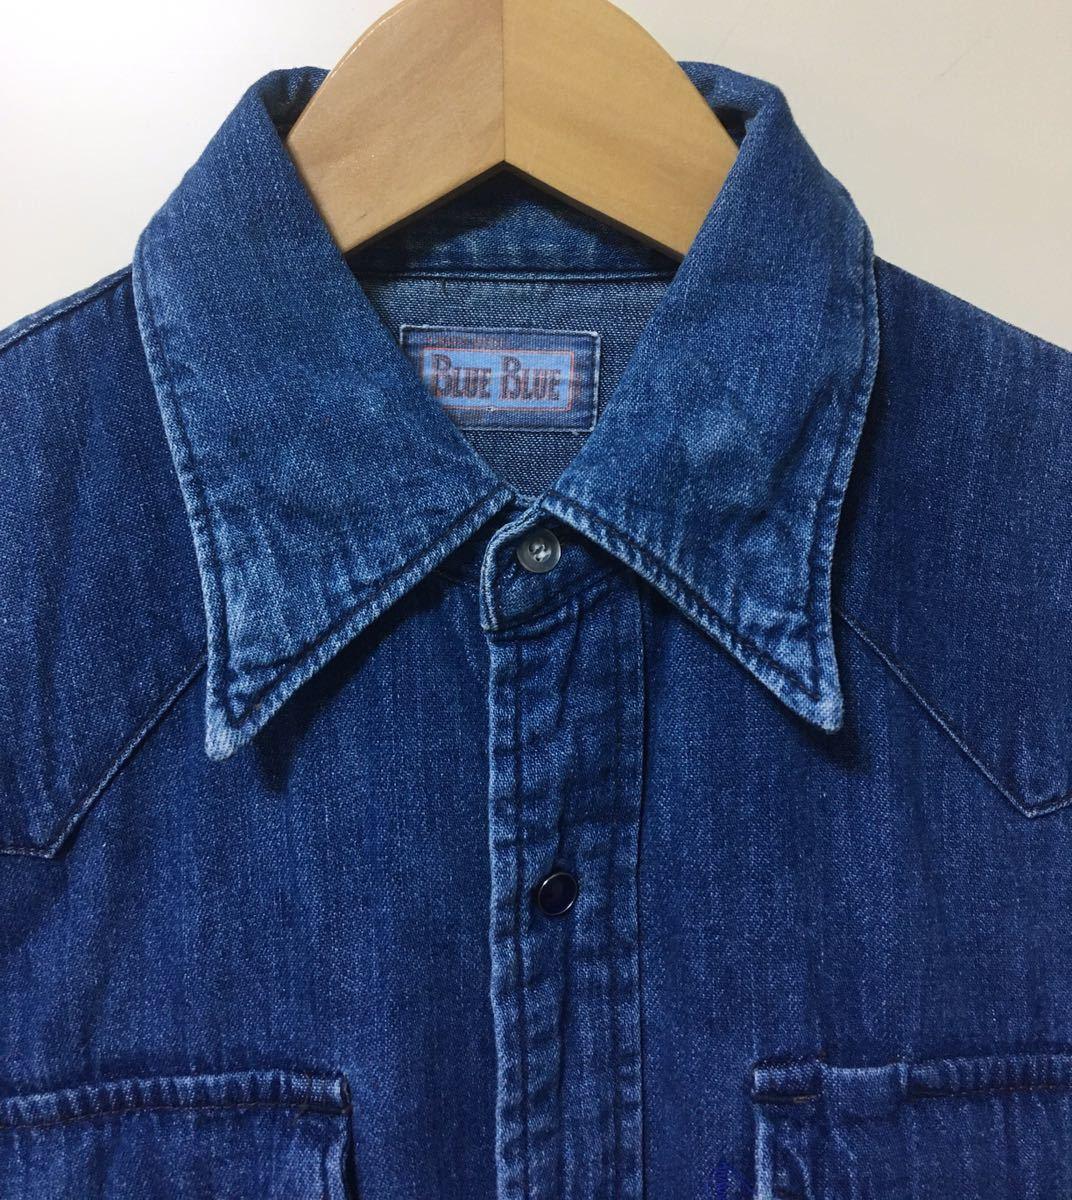 BLUE BLUE ブルーブルー 長袖 デニム素材 ウエスタンシャツ ハリウッドランチマーケット 裏地ポケット サイズ 1 日本製_画像3